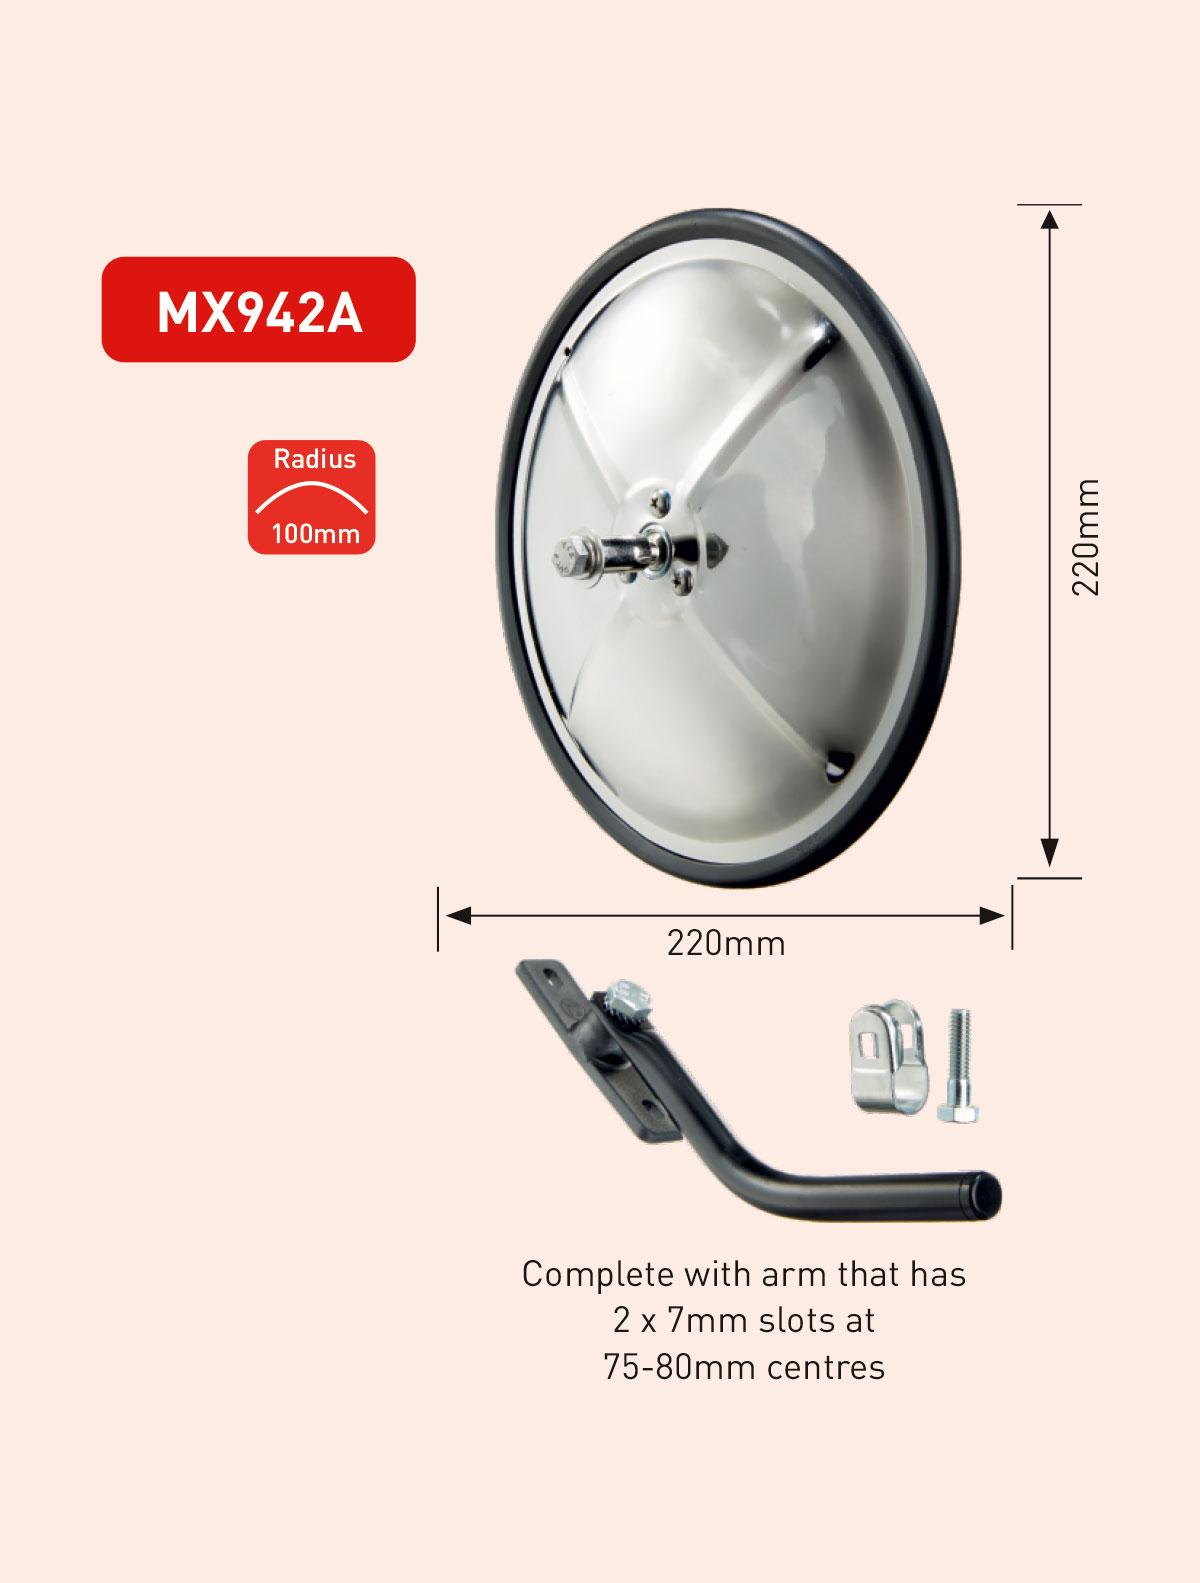 MX942A